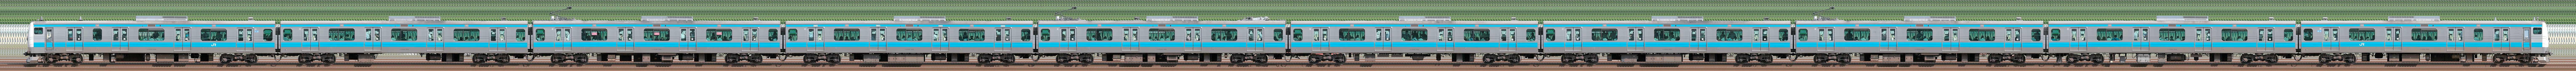 JR東日本 京浜東北線・根岸線 E233系1000番台サイ152編成(線路設備モニタリング装置搭載編成・海側)の編成サイドビュー